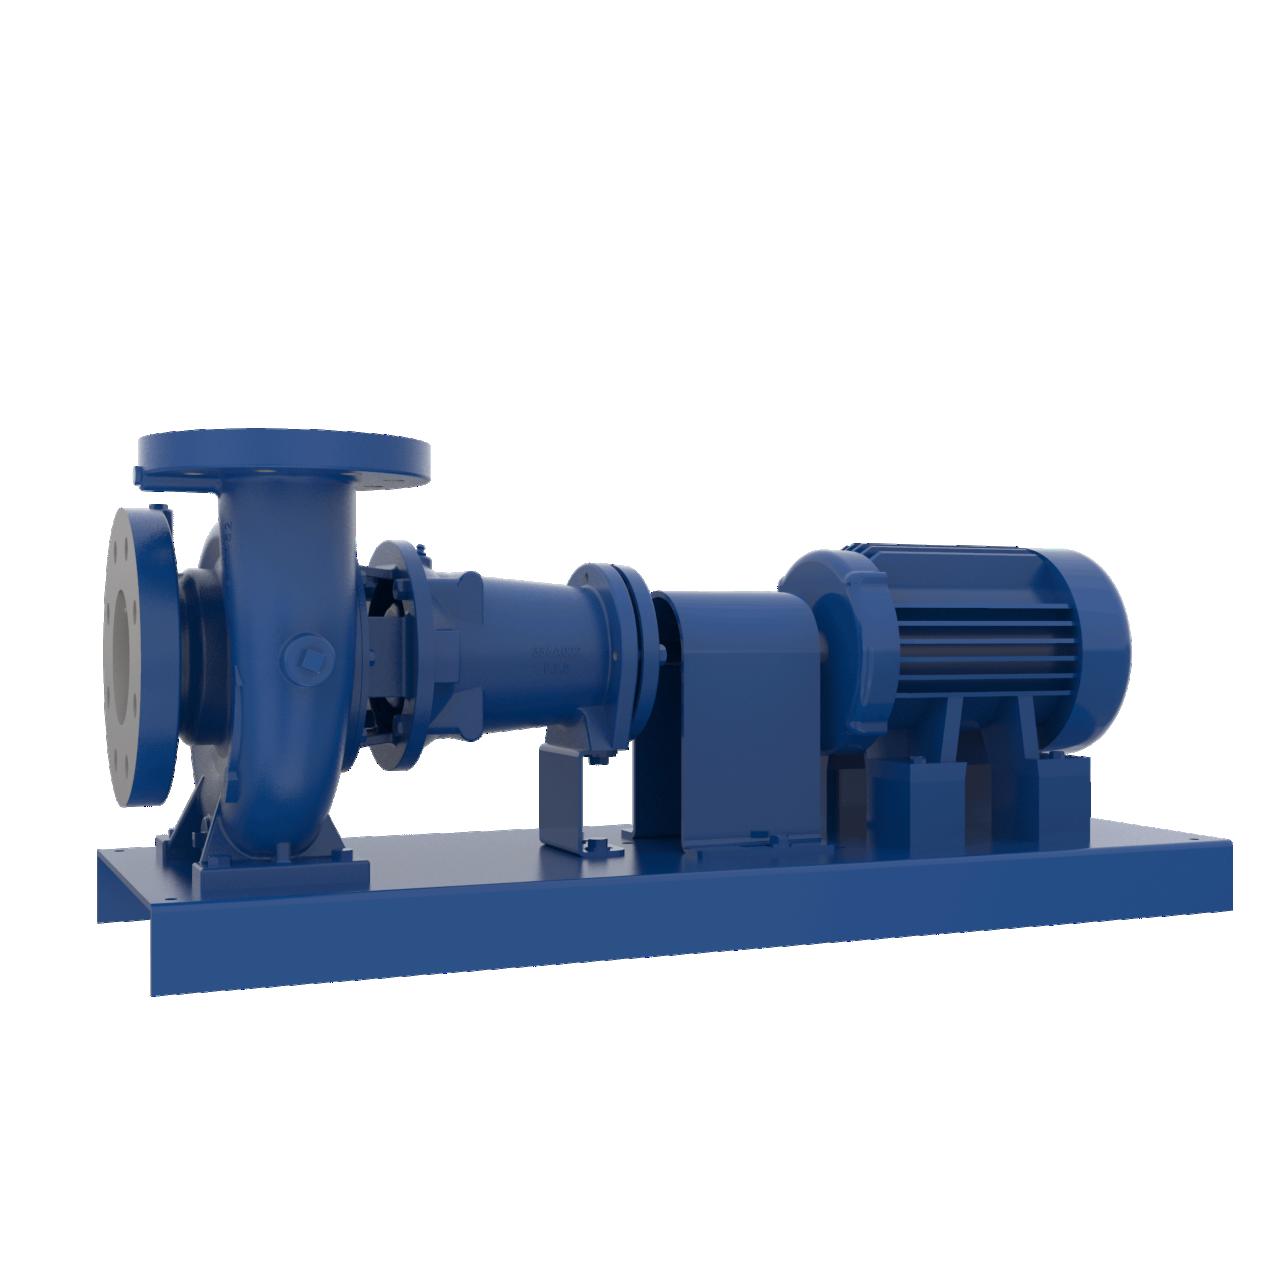 AURORA® 3804 Pump